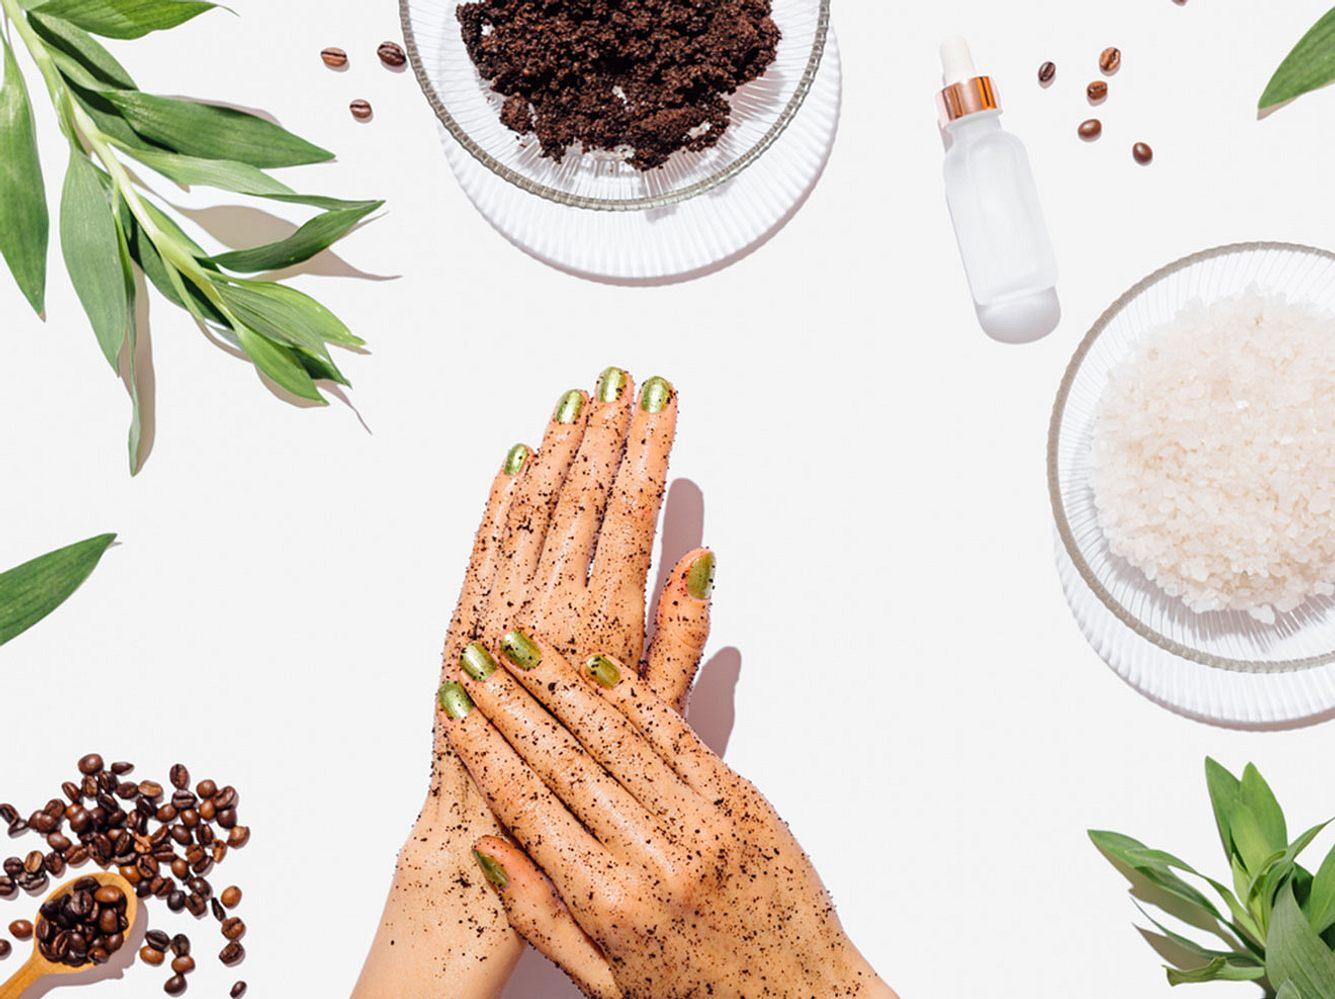 Handpflege selber machen für schöne Hände